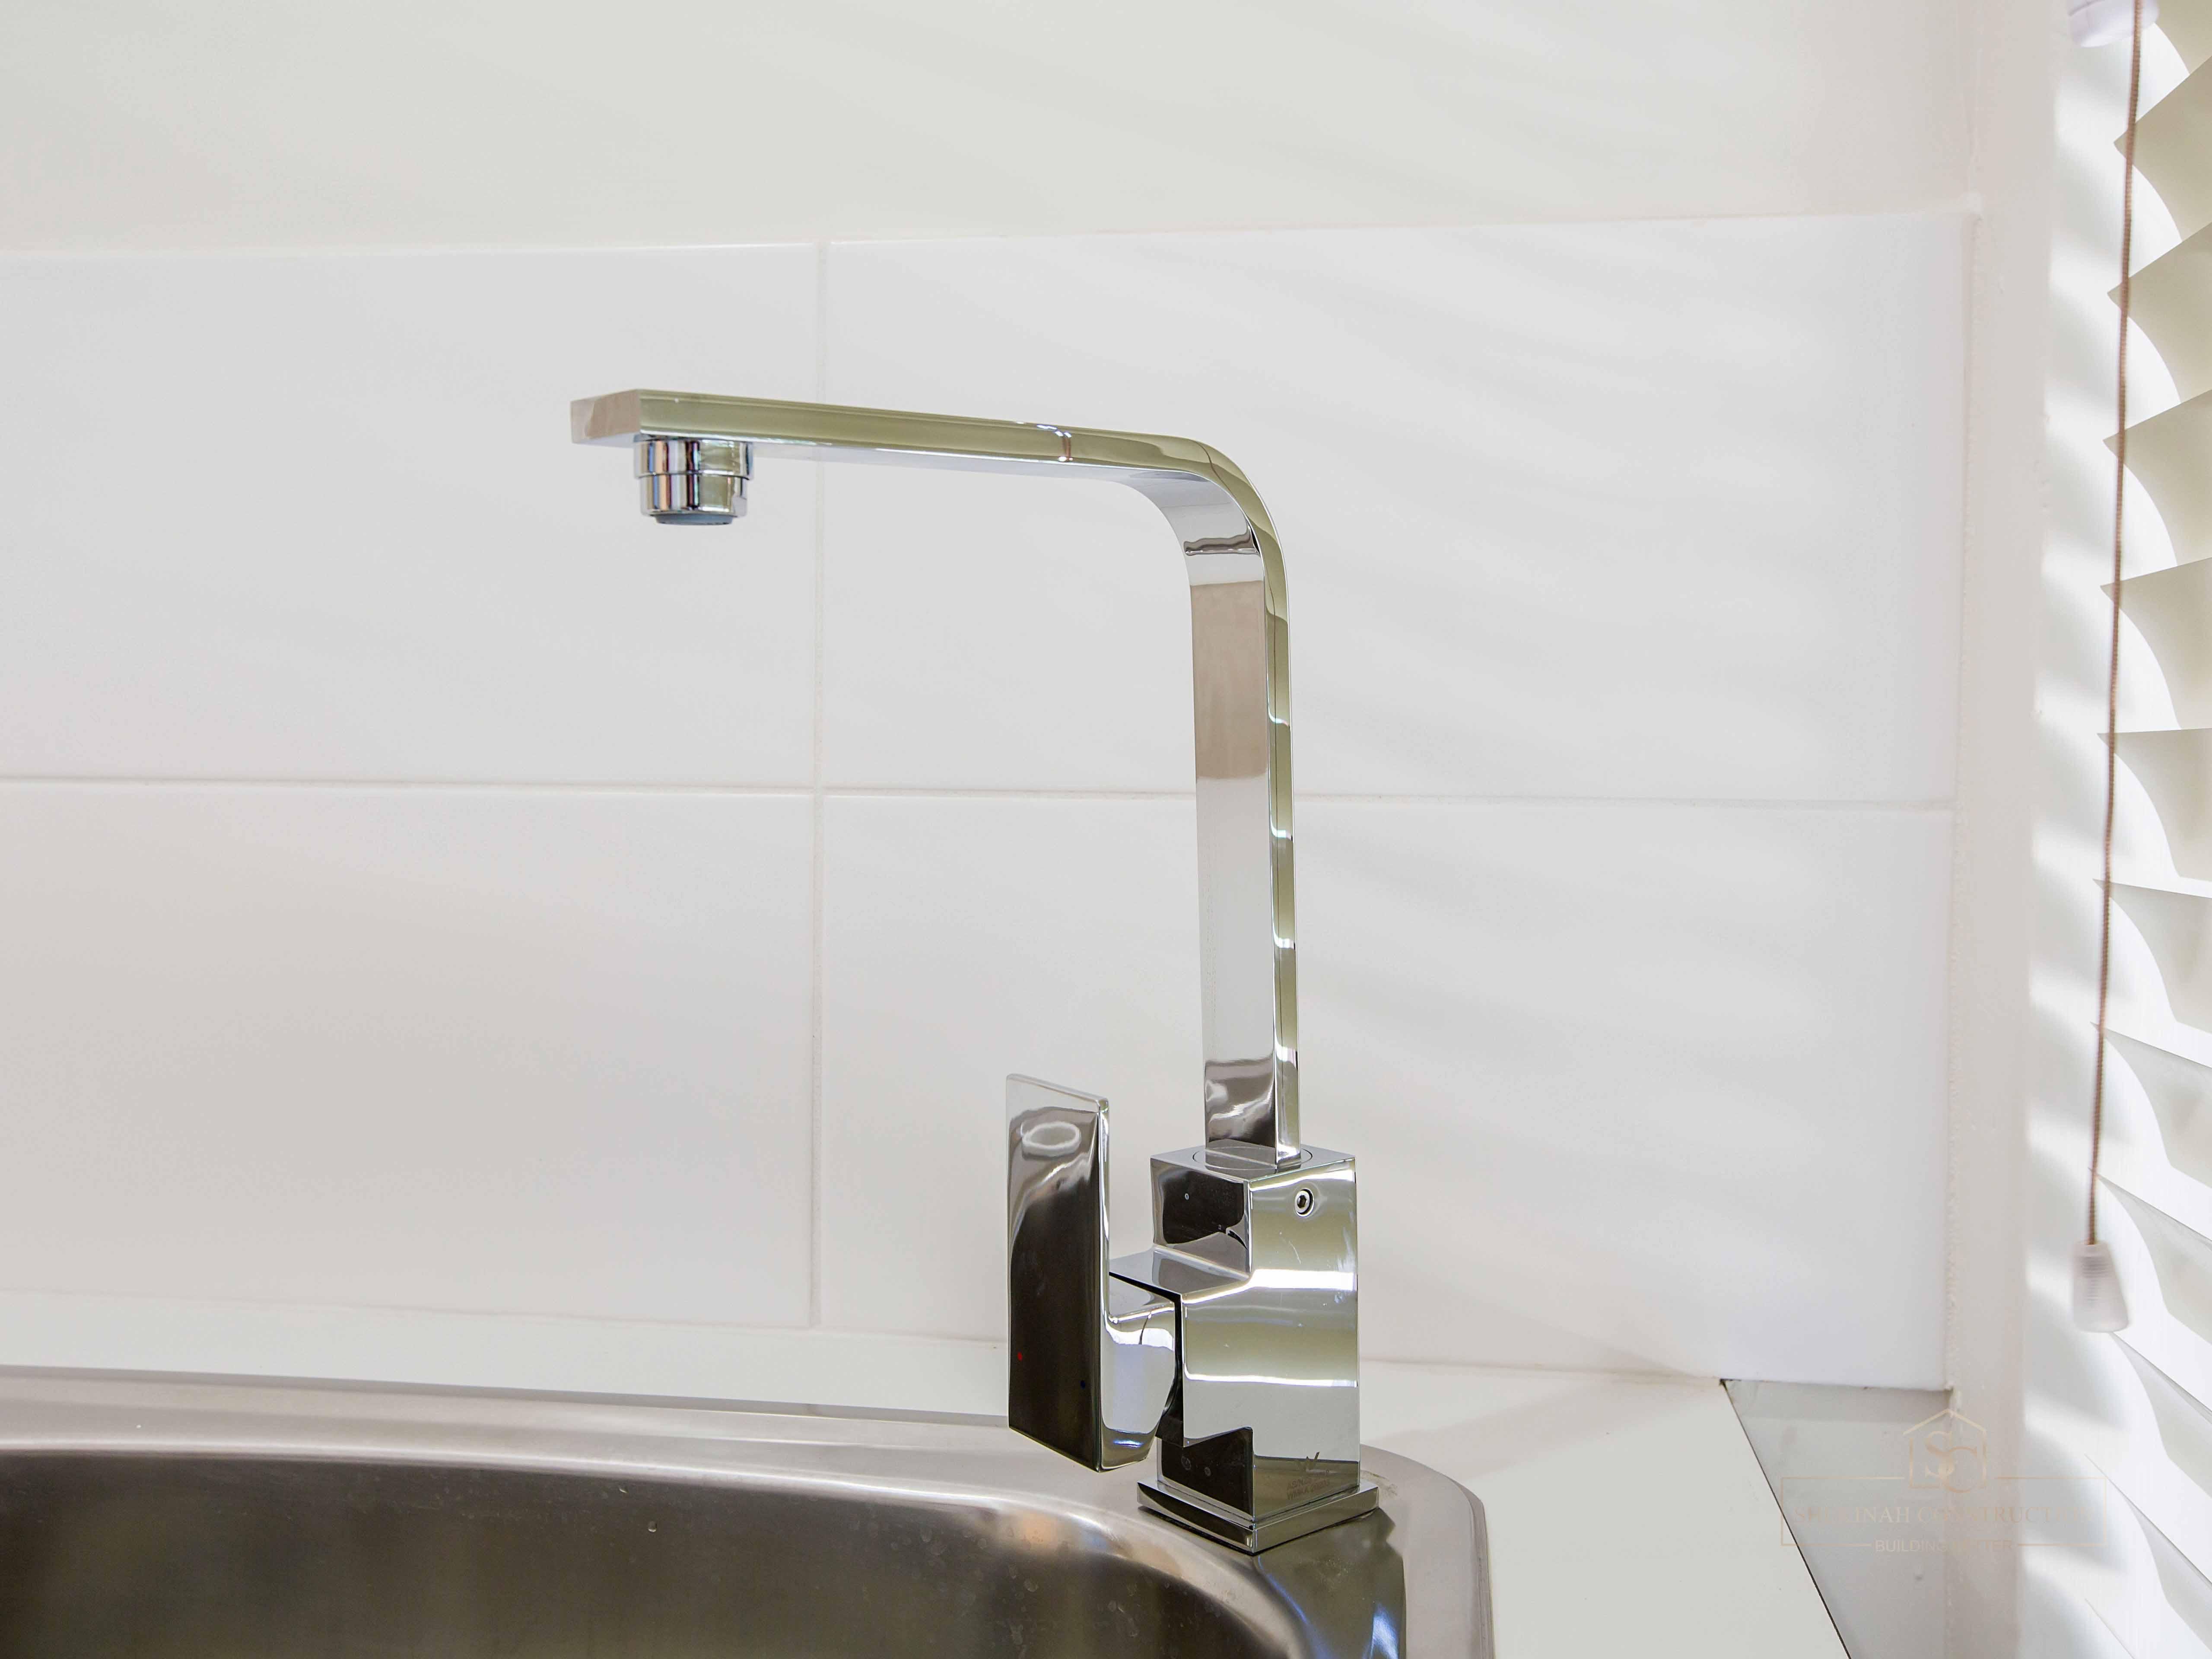 Quatro Sink Mixer